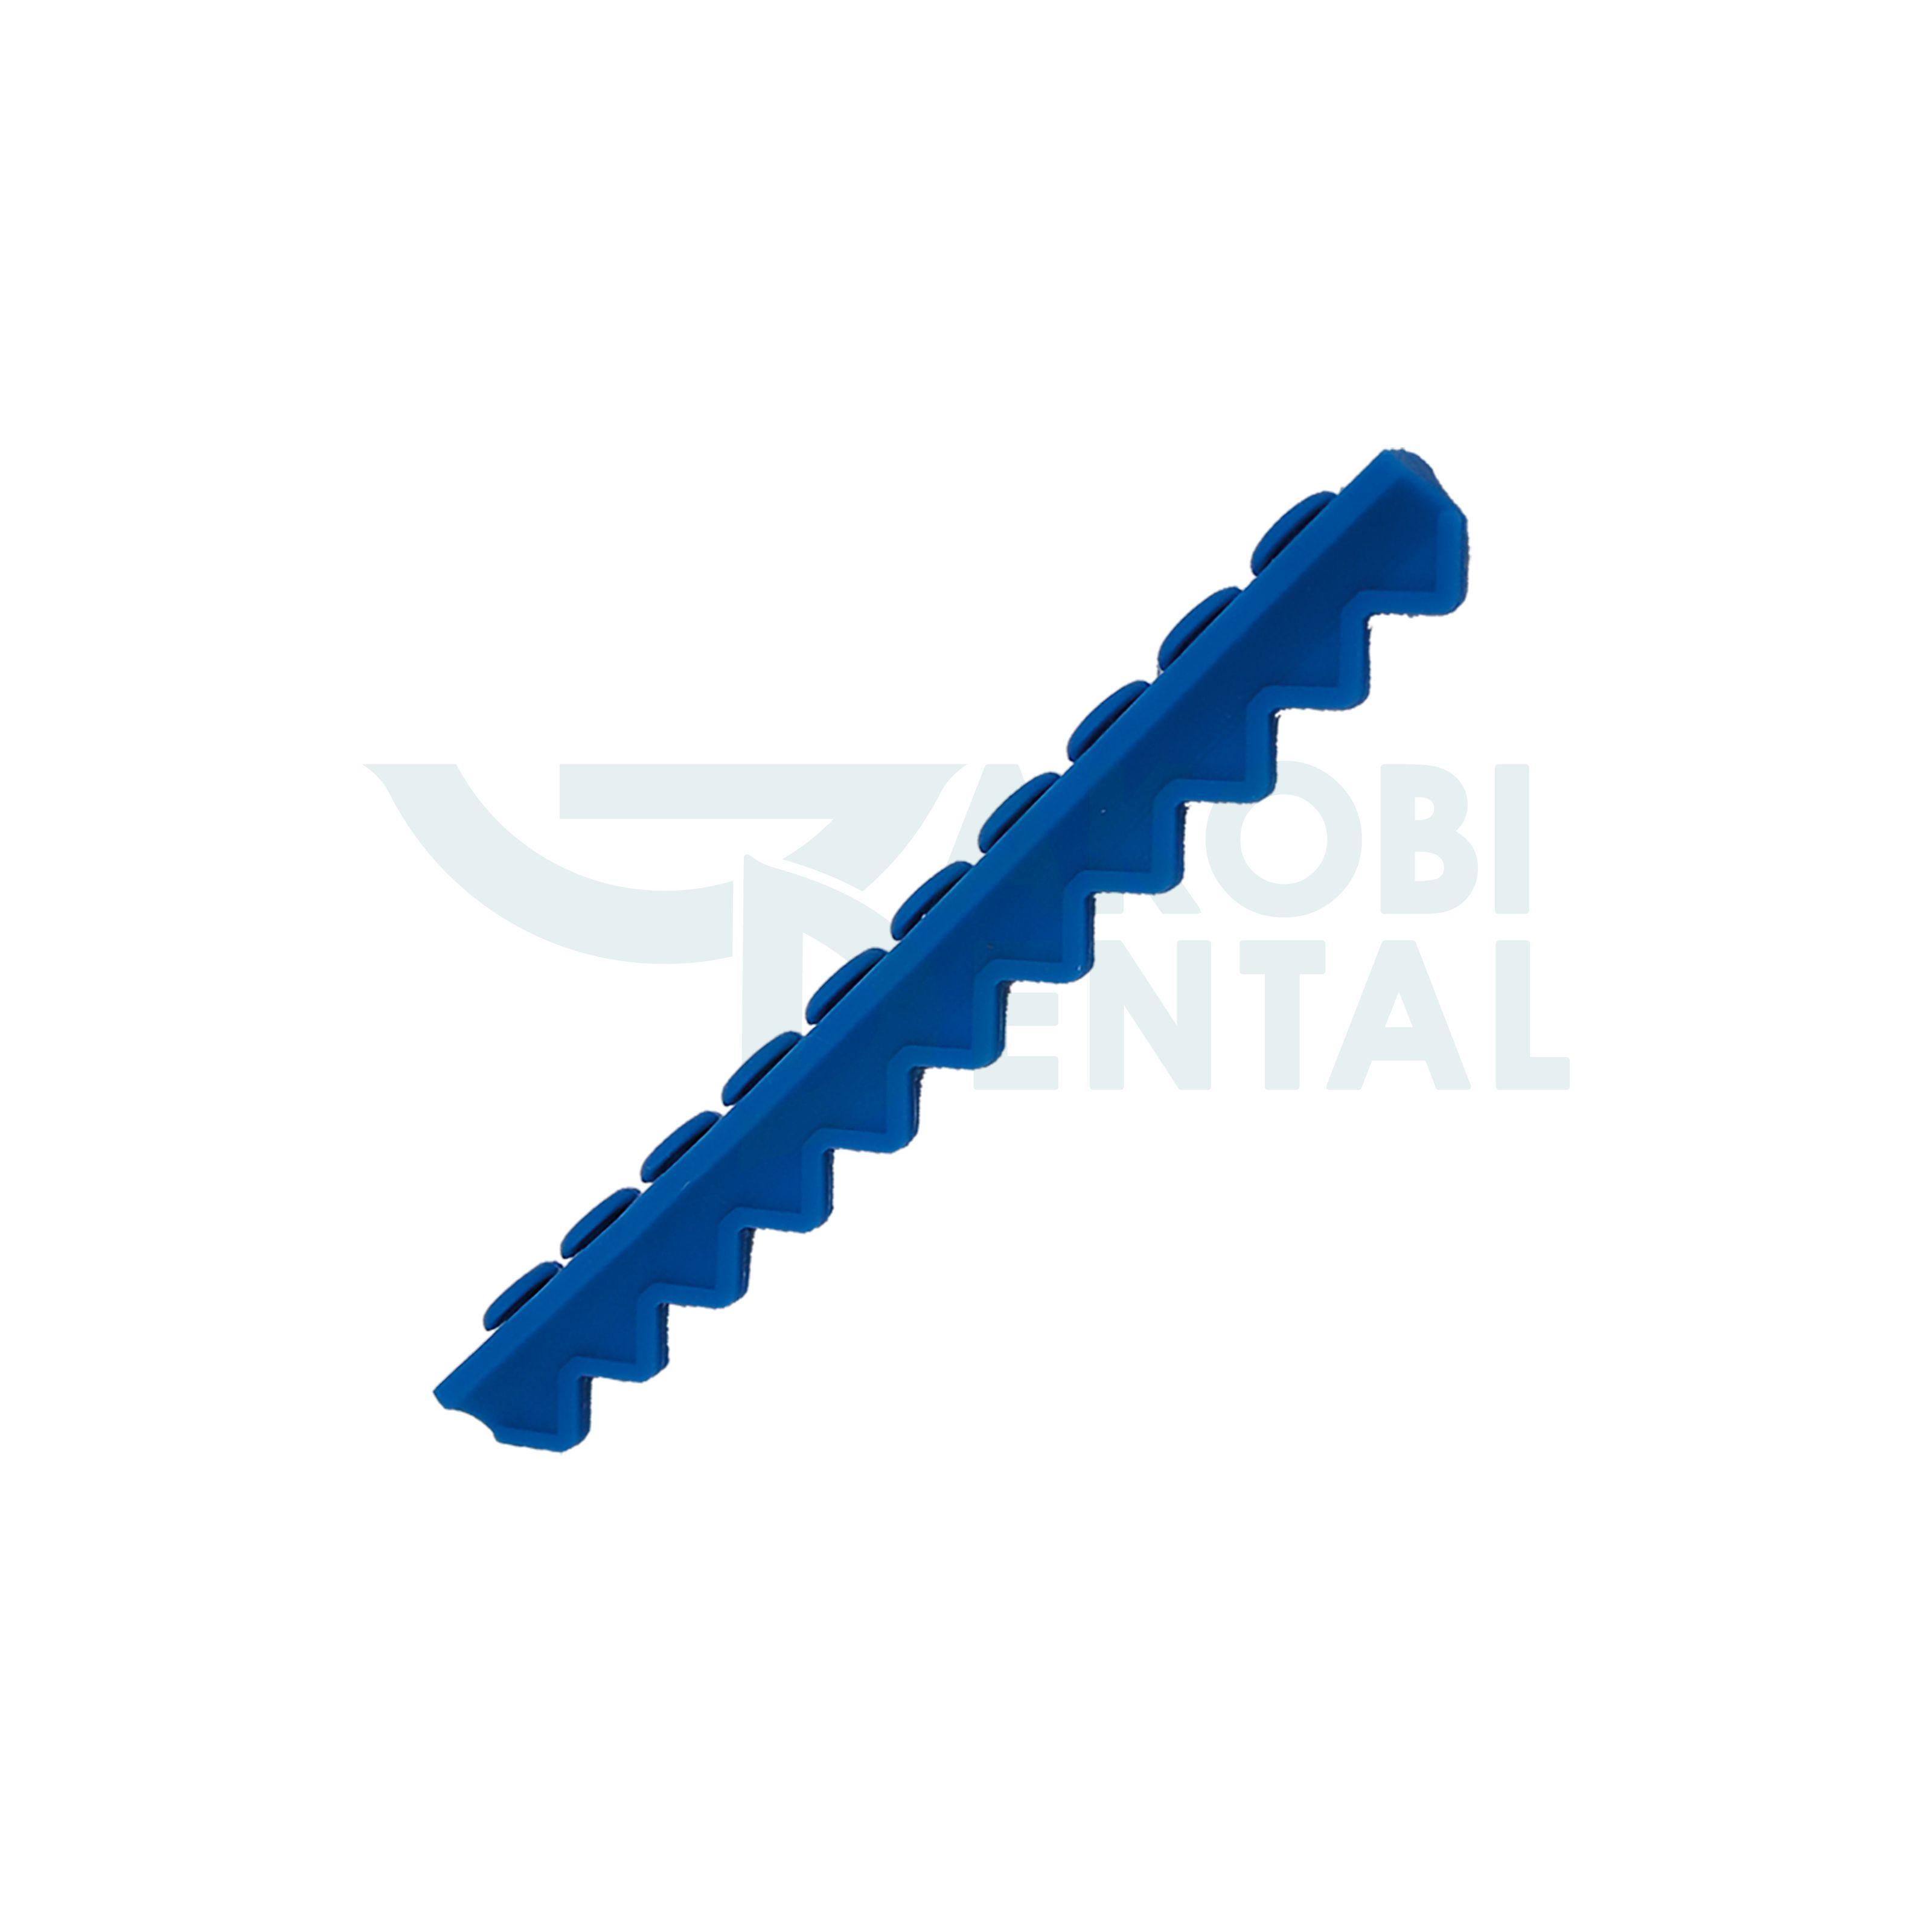 Instrumententräger für 10 Instrumente, blau